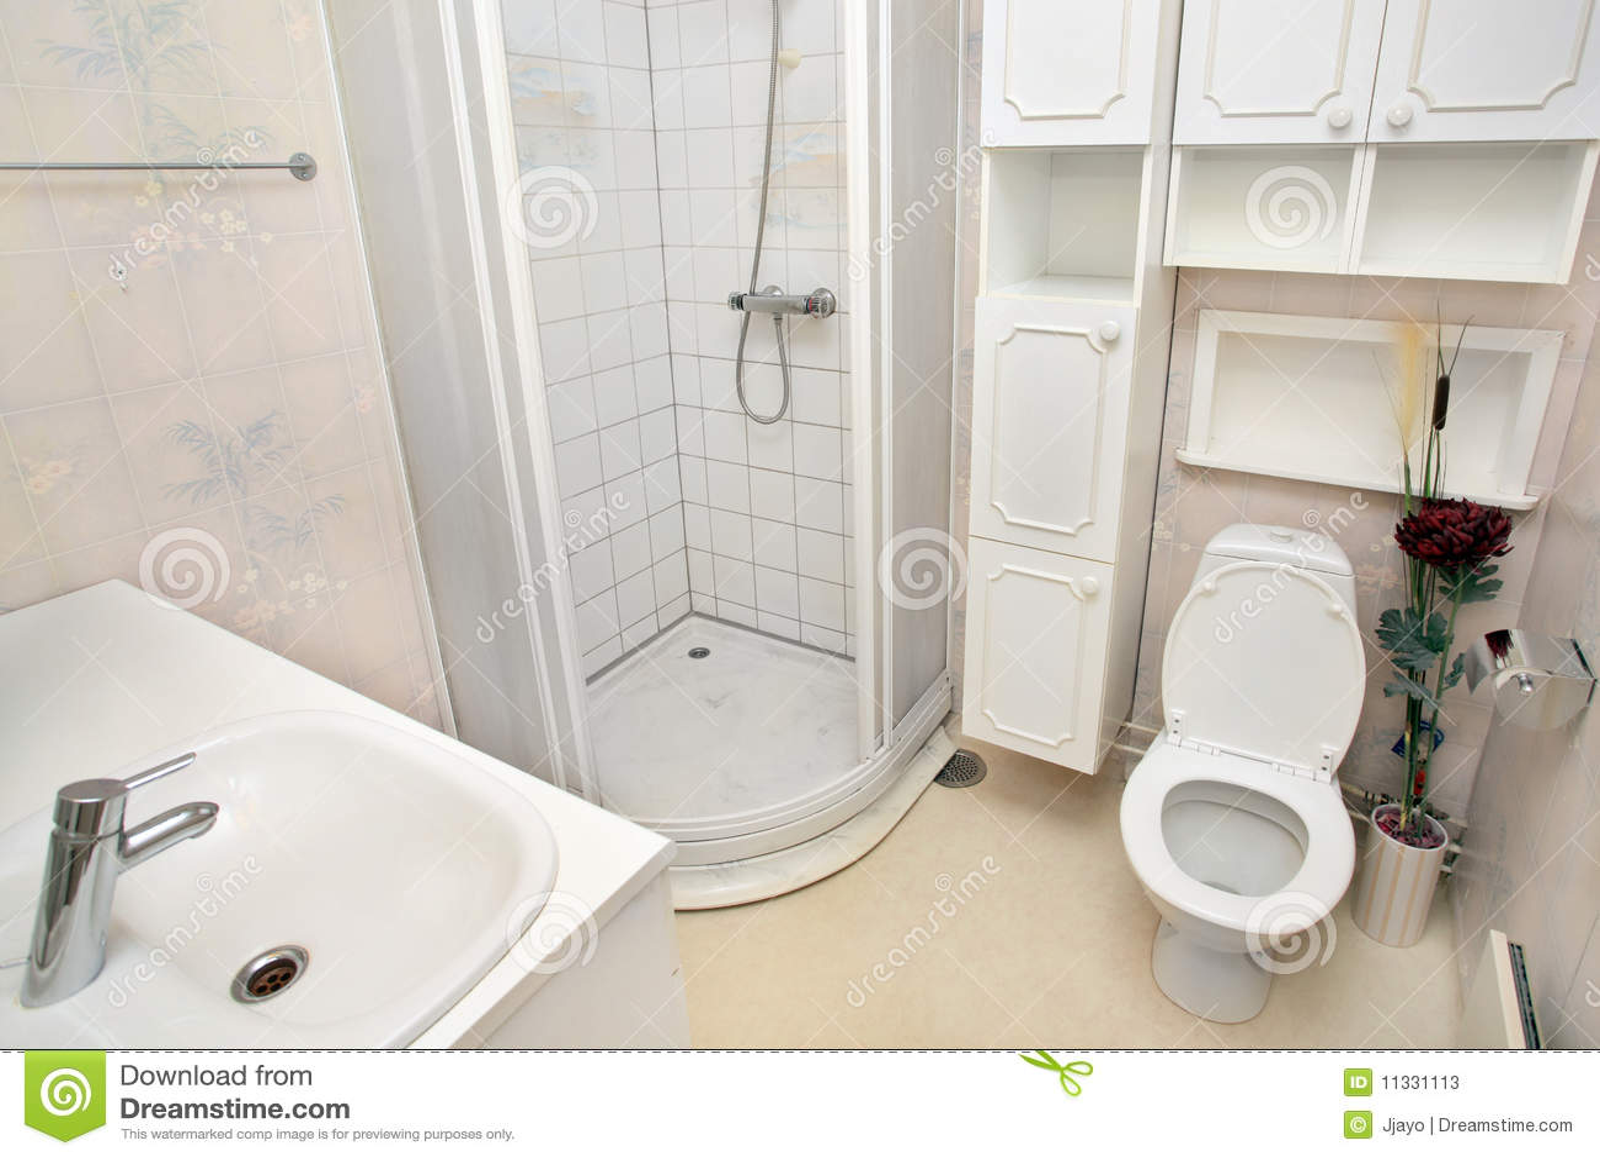 Interior Do Banheiro Branco Pequeno Fotos de Stock Imagem: 11331113 #85A823 1300x957 Banheira Bebe Banheiro Pequeno